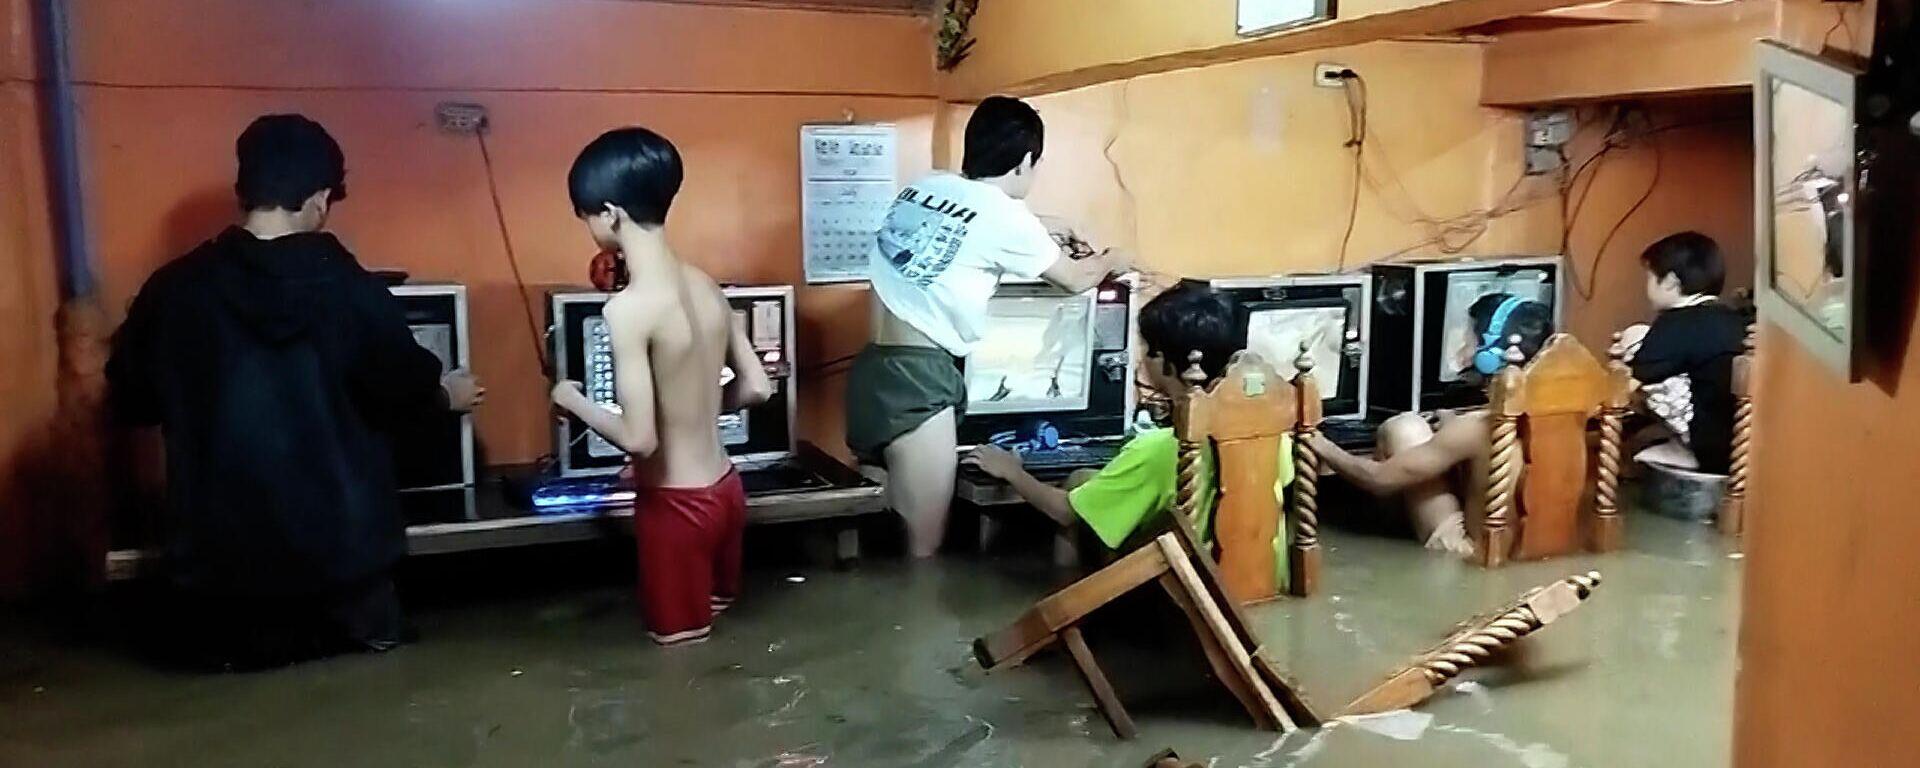 Τρελαμένοι gamers συνεχίζουν το παιχνίδι σε πλημμυρισμένο καφέ εν μέσω τυφώνα στις Φιλιππίνες - Sputnik Ελλάδα, 1920, 28.07.2021